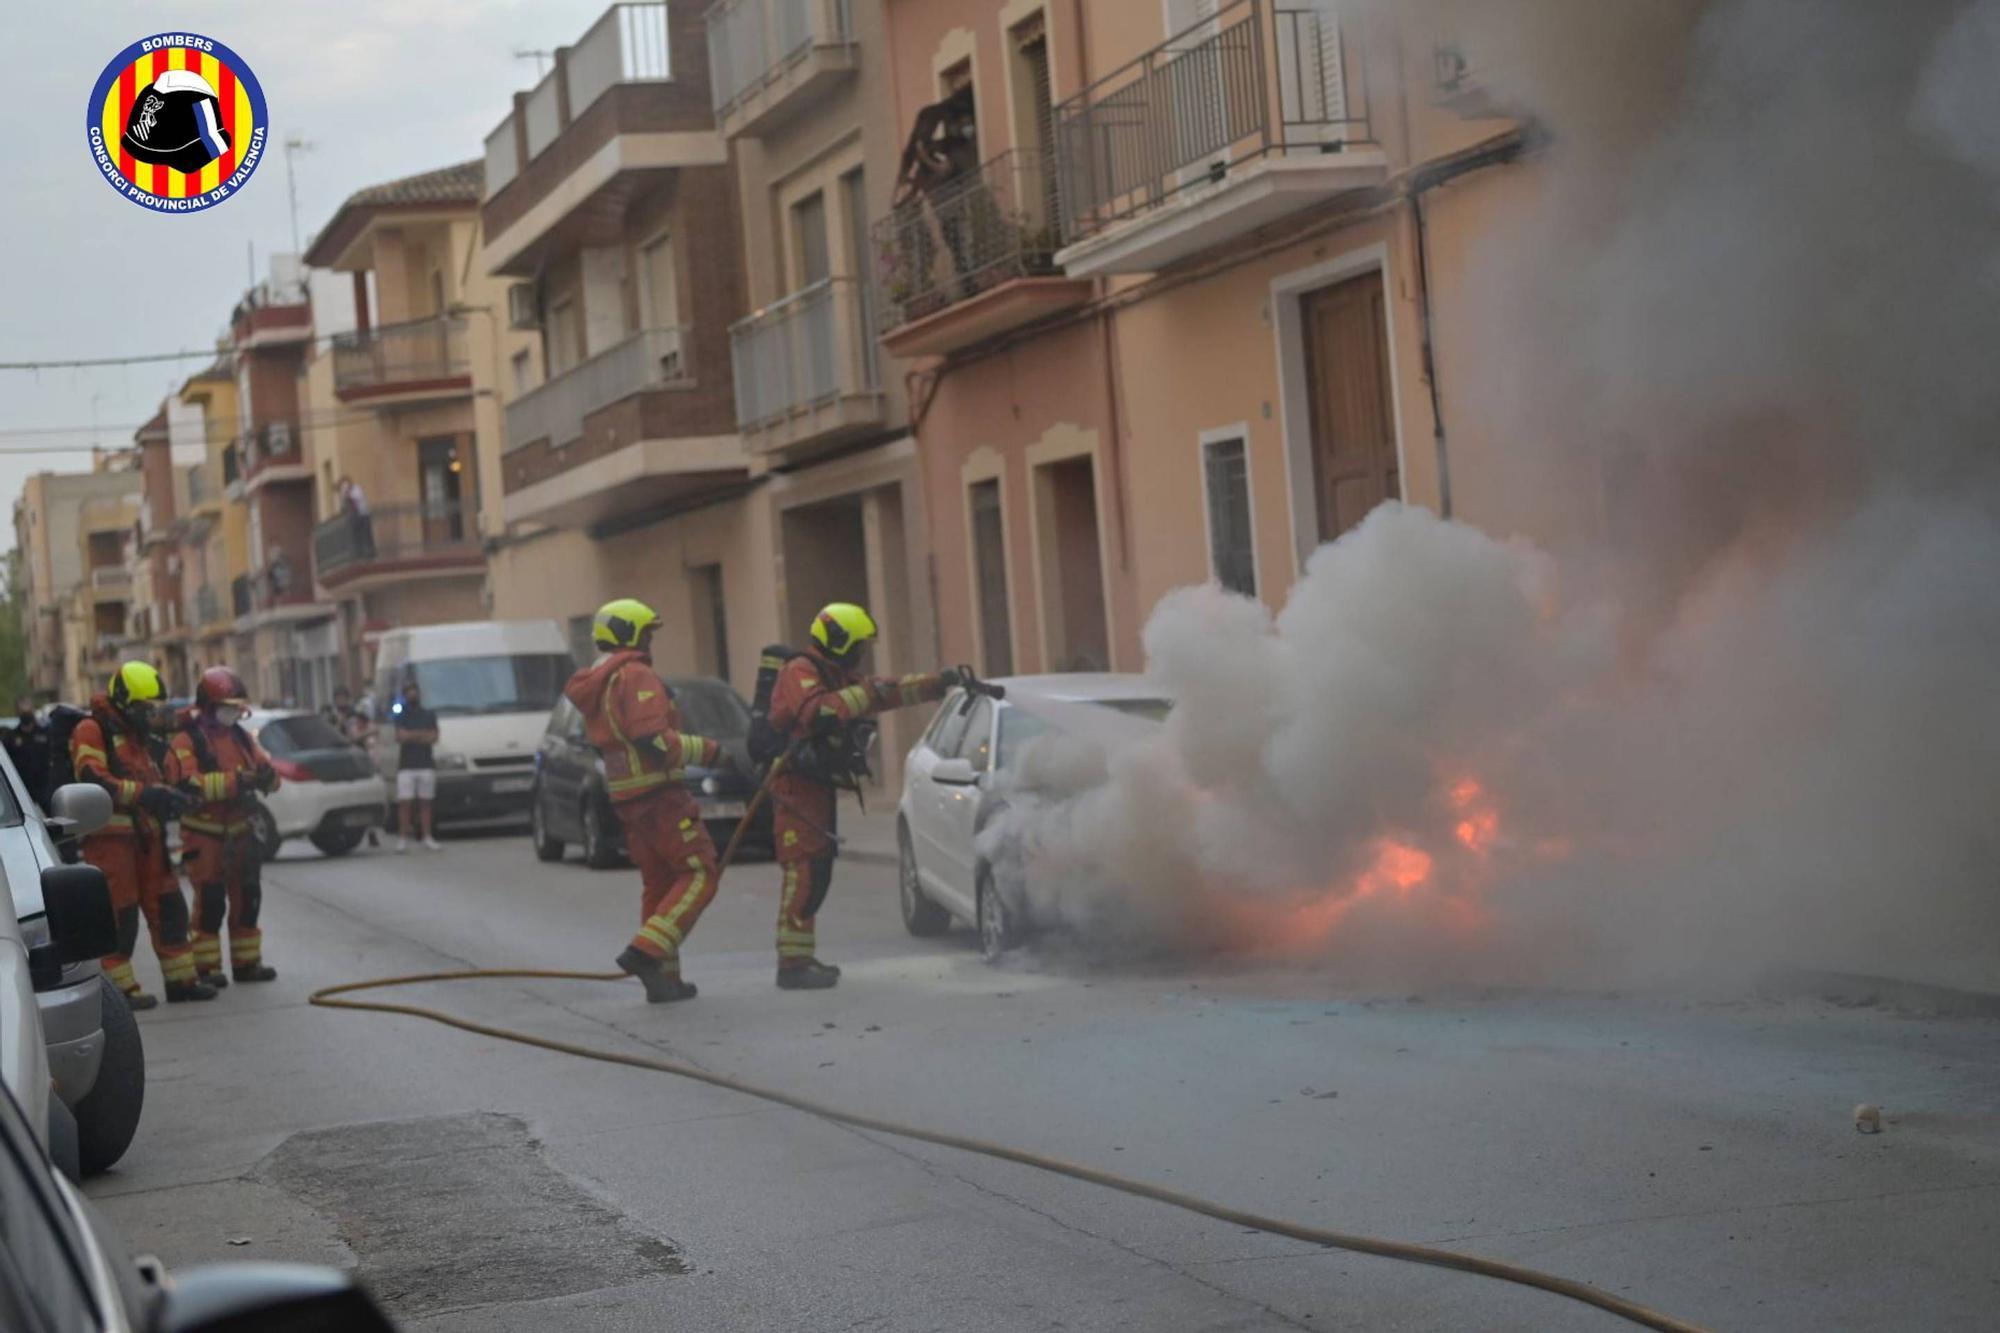 Los bomberos apagan un vehículo incendiado en plena calle en Carlet